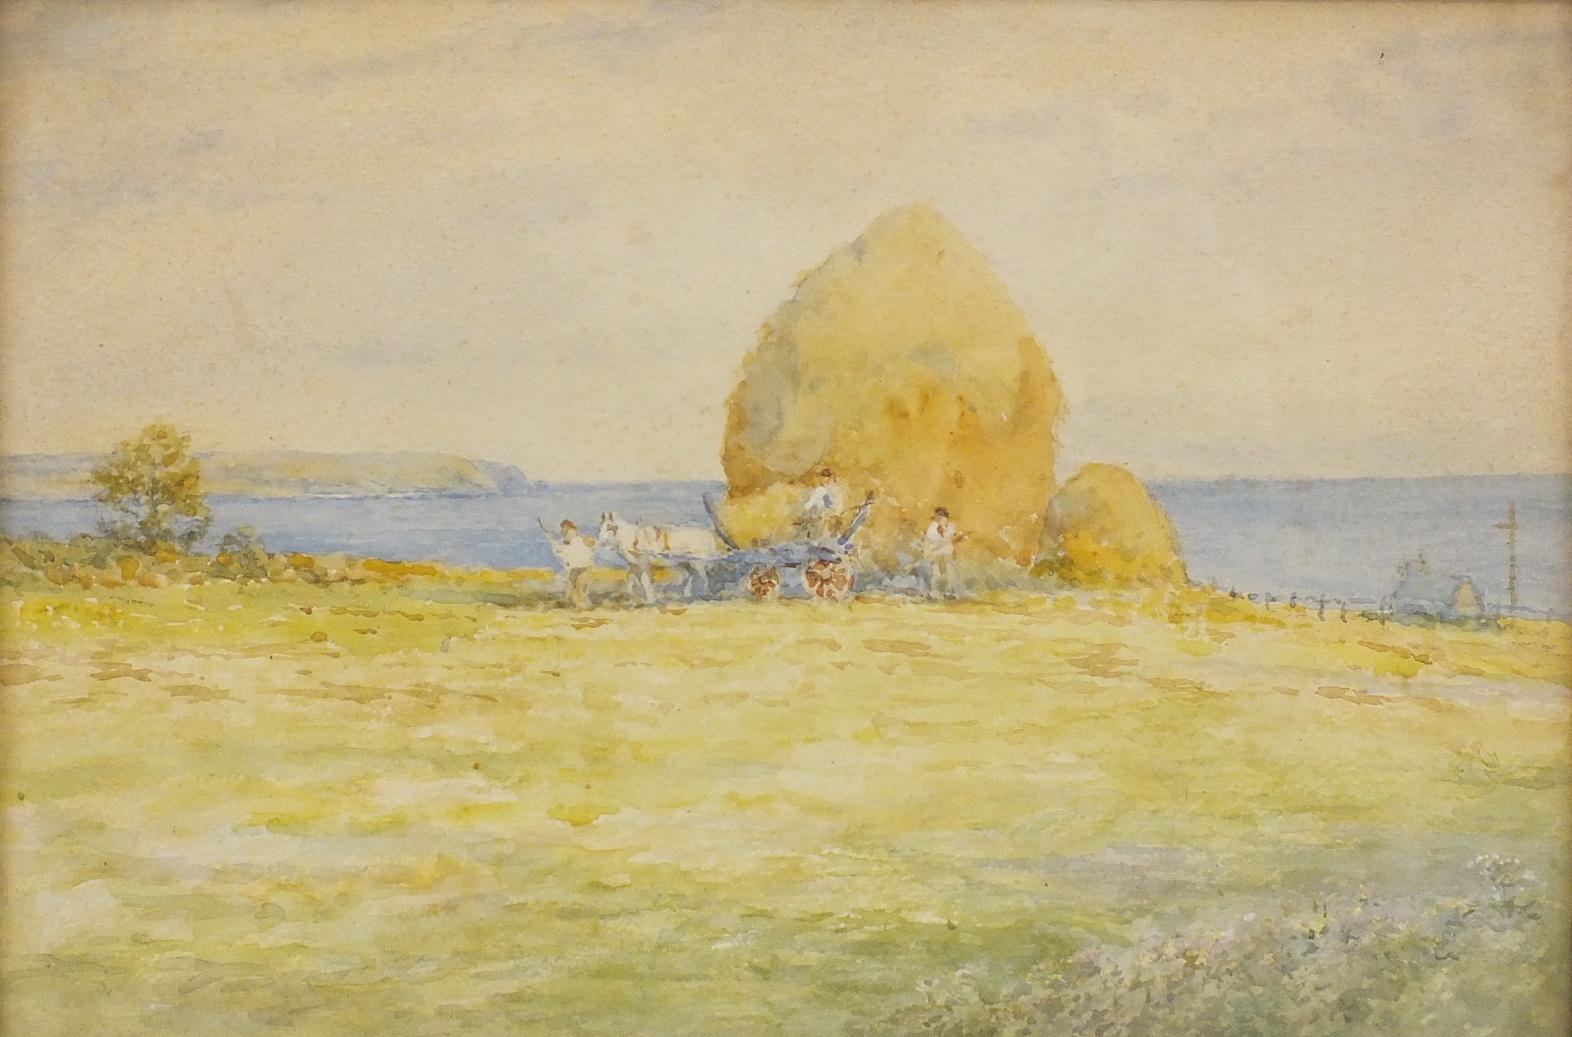 W Darton HAYMAKER OVERLOOKING A COASTAL SCENE Unsigned watercolour, 24 x 34cm and a companion,